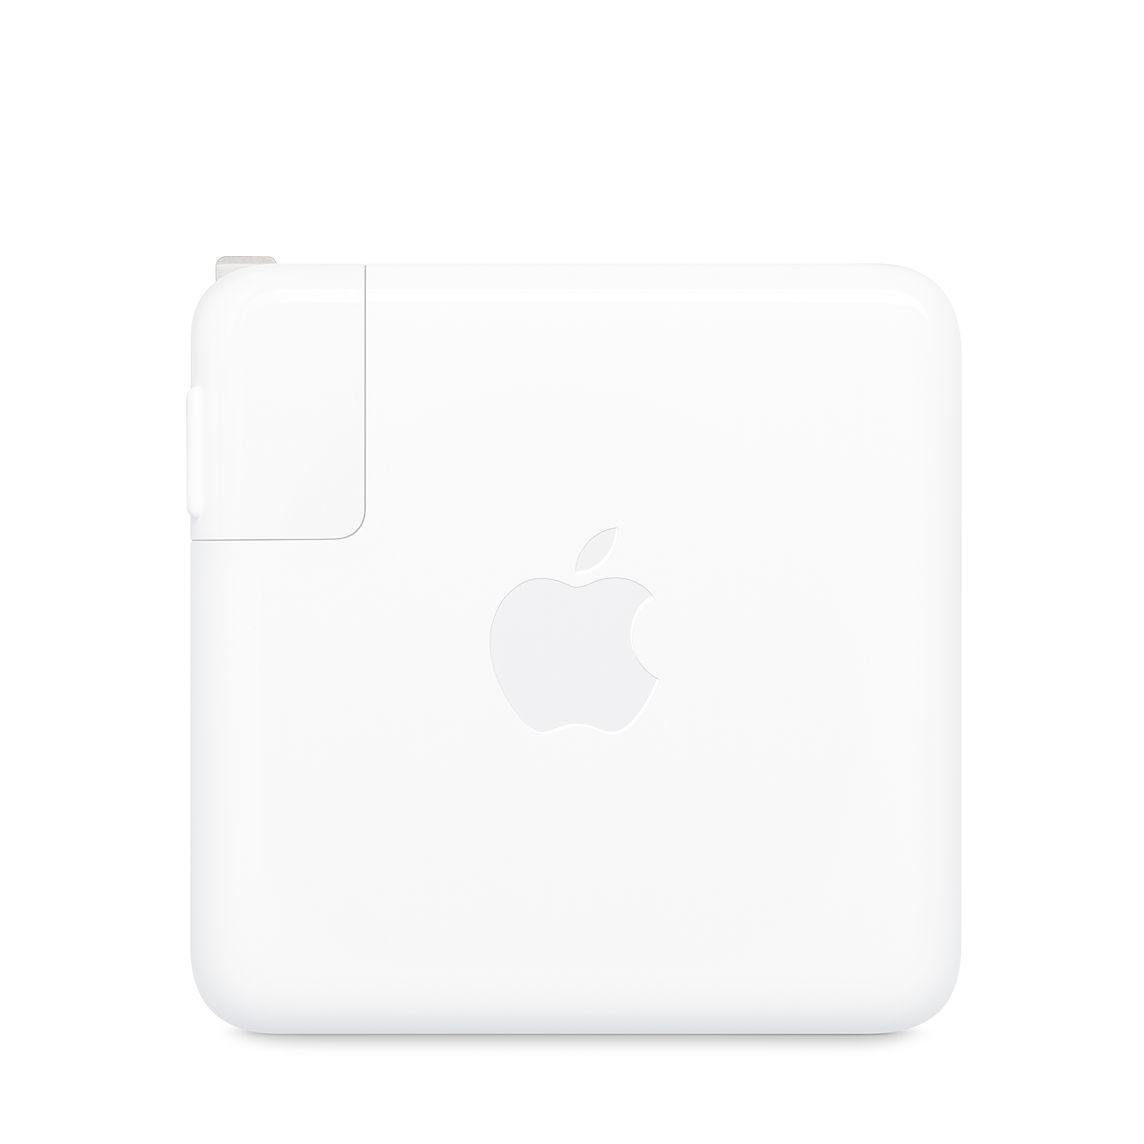 ACアダプタ:Apple製 純正新品 MacBookPro 激安卸販売新品 16インチ用 USB-C 96W メーカー公式ショップ A2166